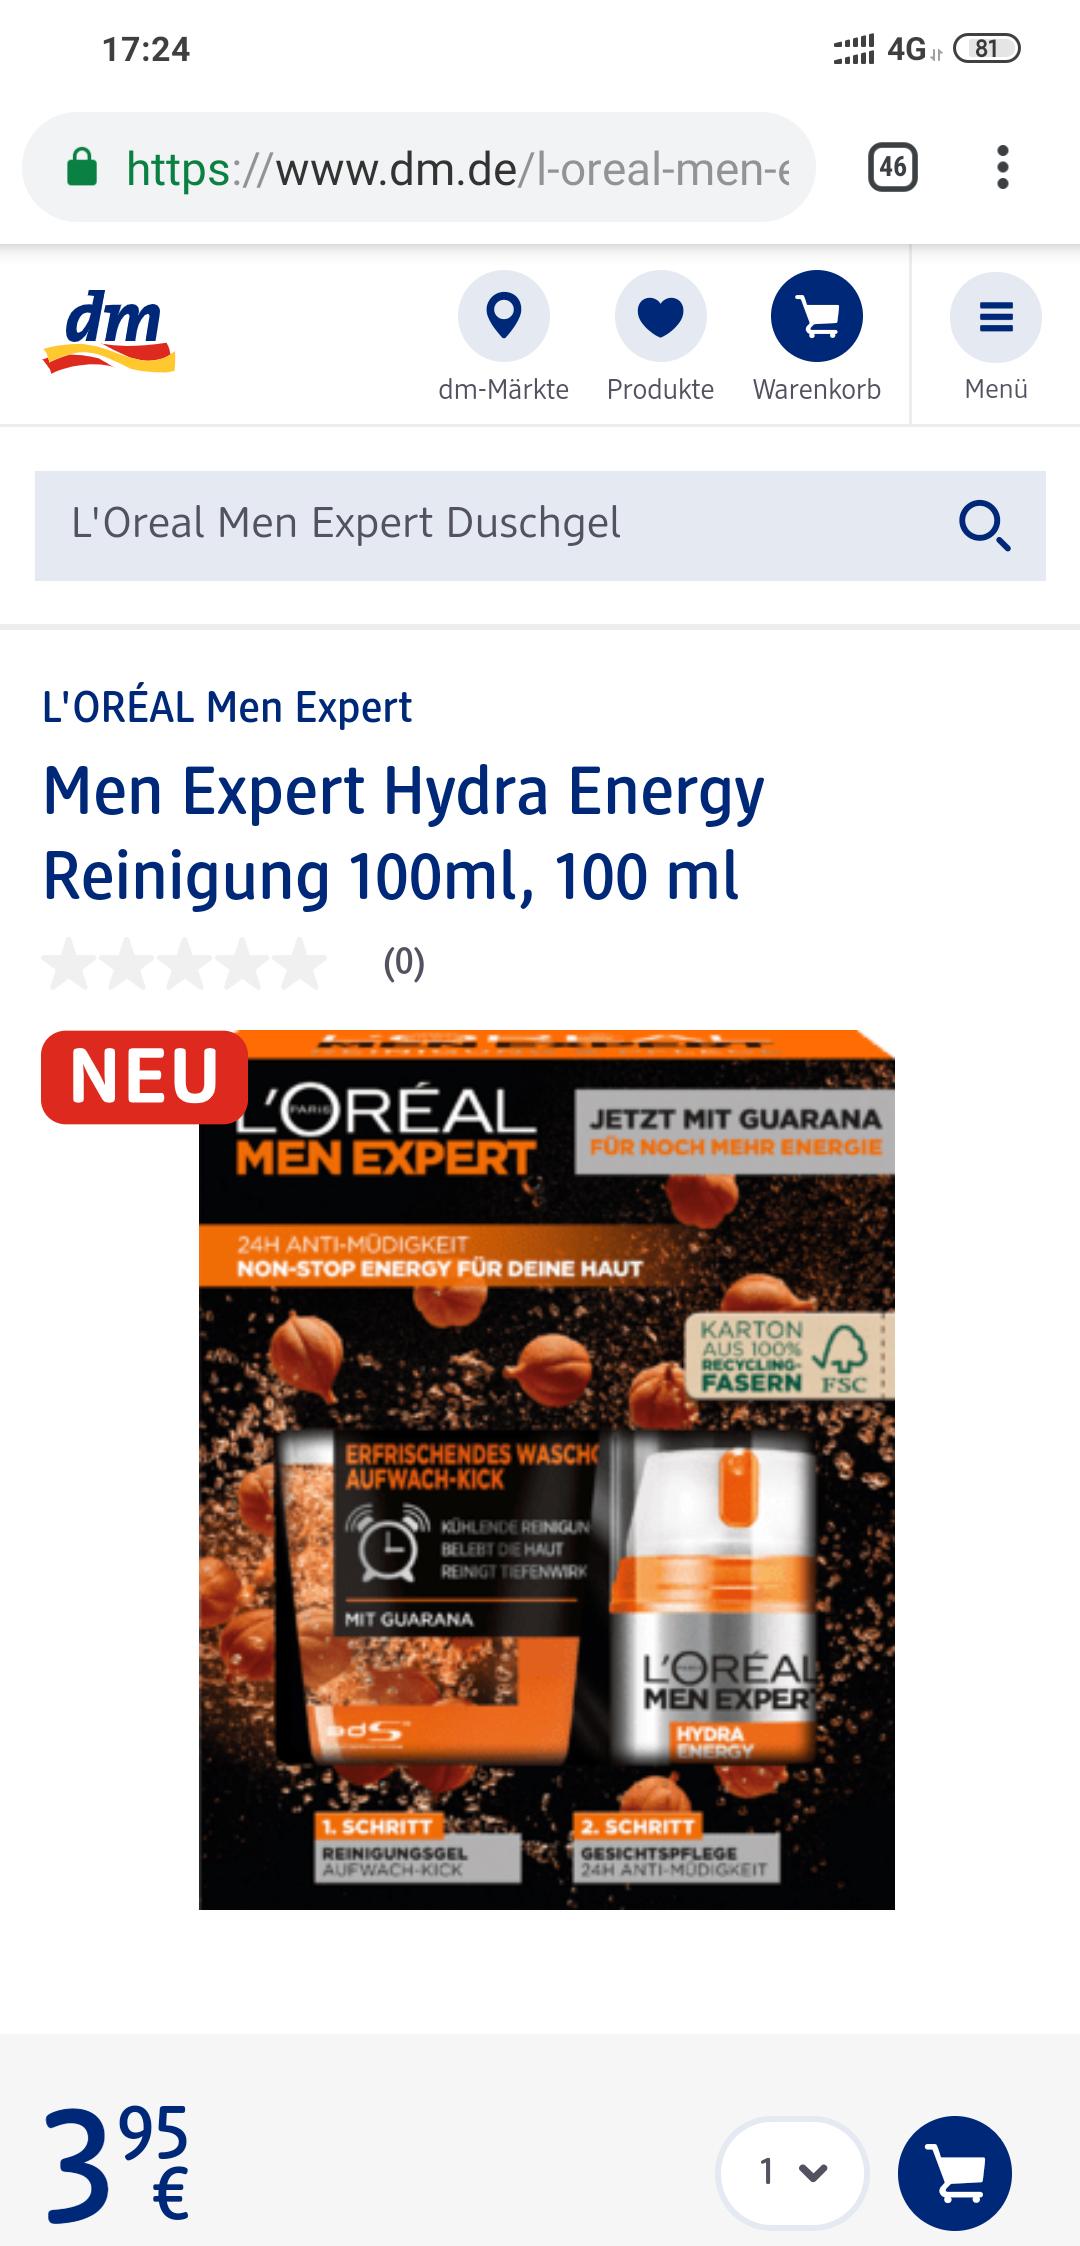 [dm] L'Oréal Men Expert Reinungsgel + Gesichtspflege (Fluid)